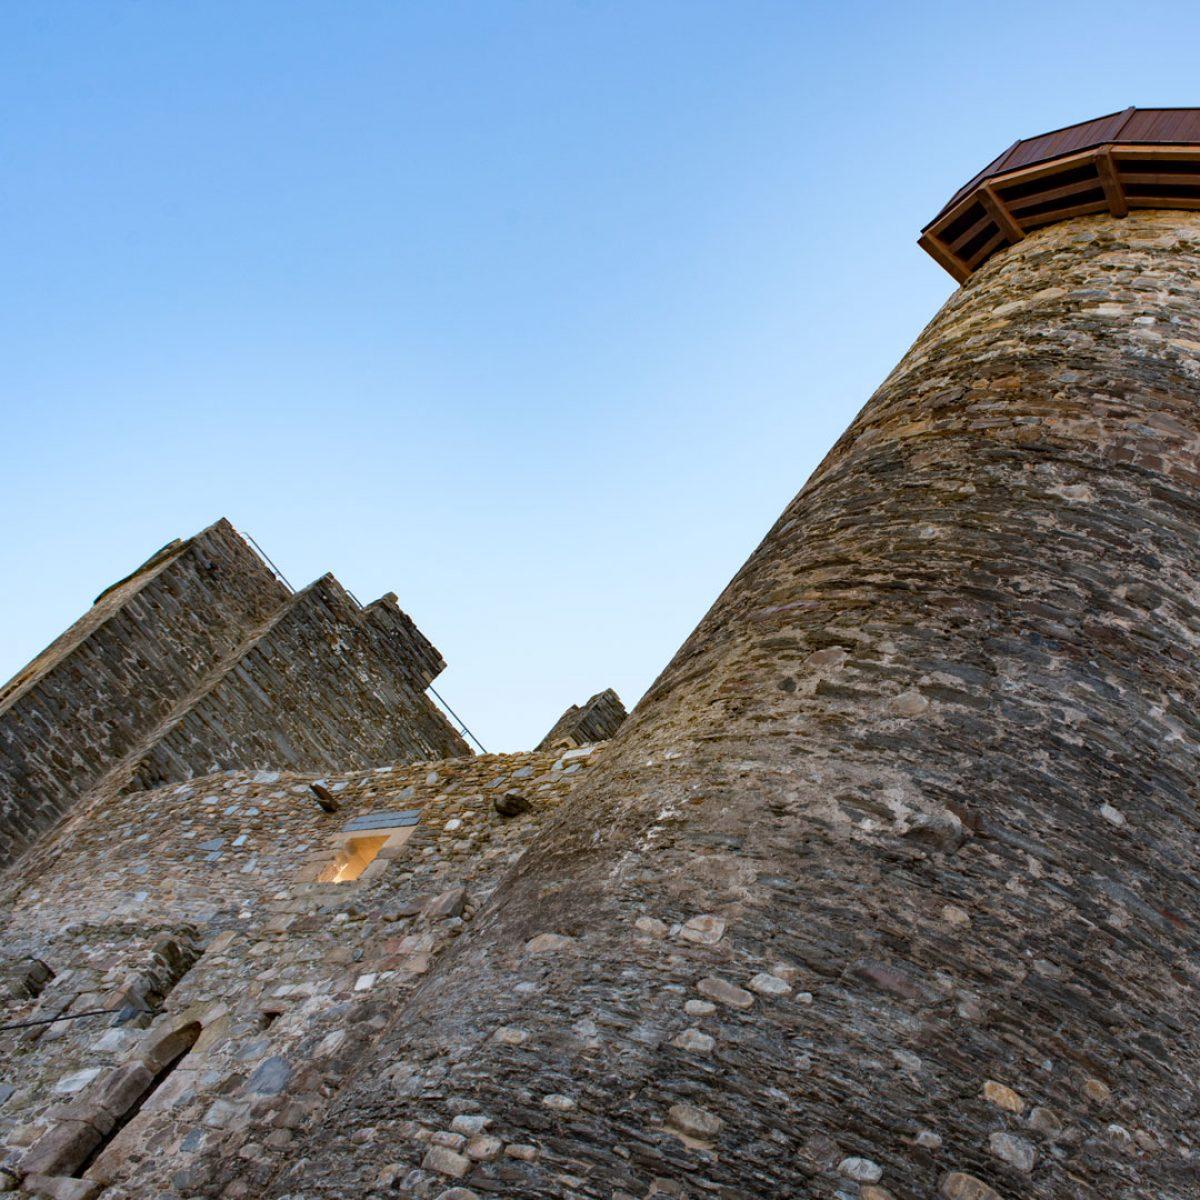 Medidas de seguridad COVID-19 en Castillo y Museos tras el estado de alarma